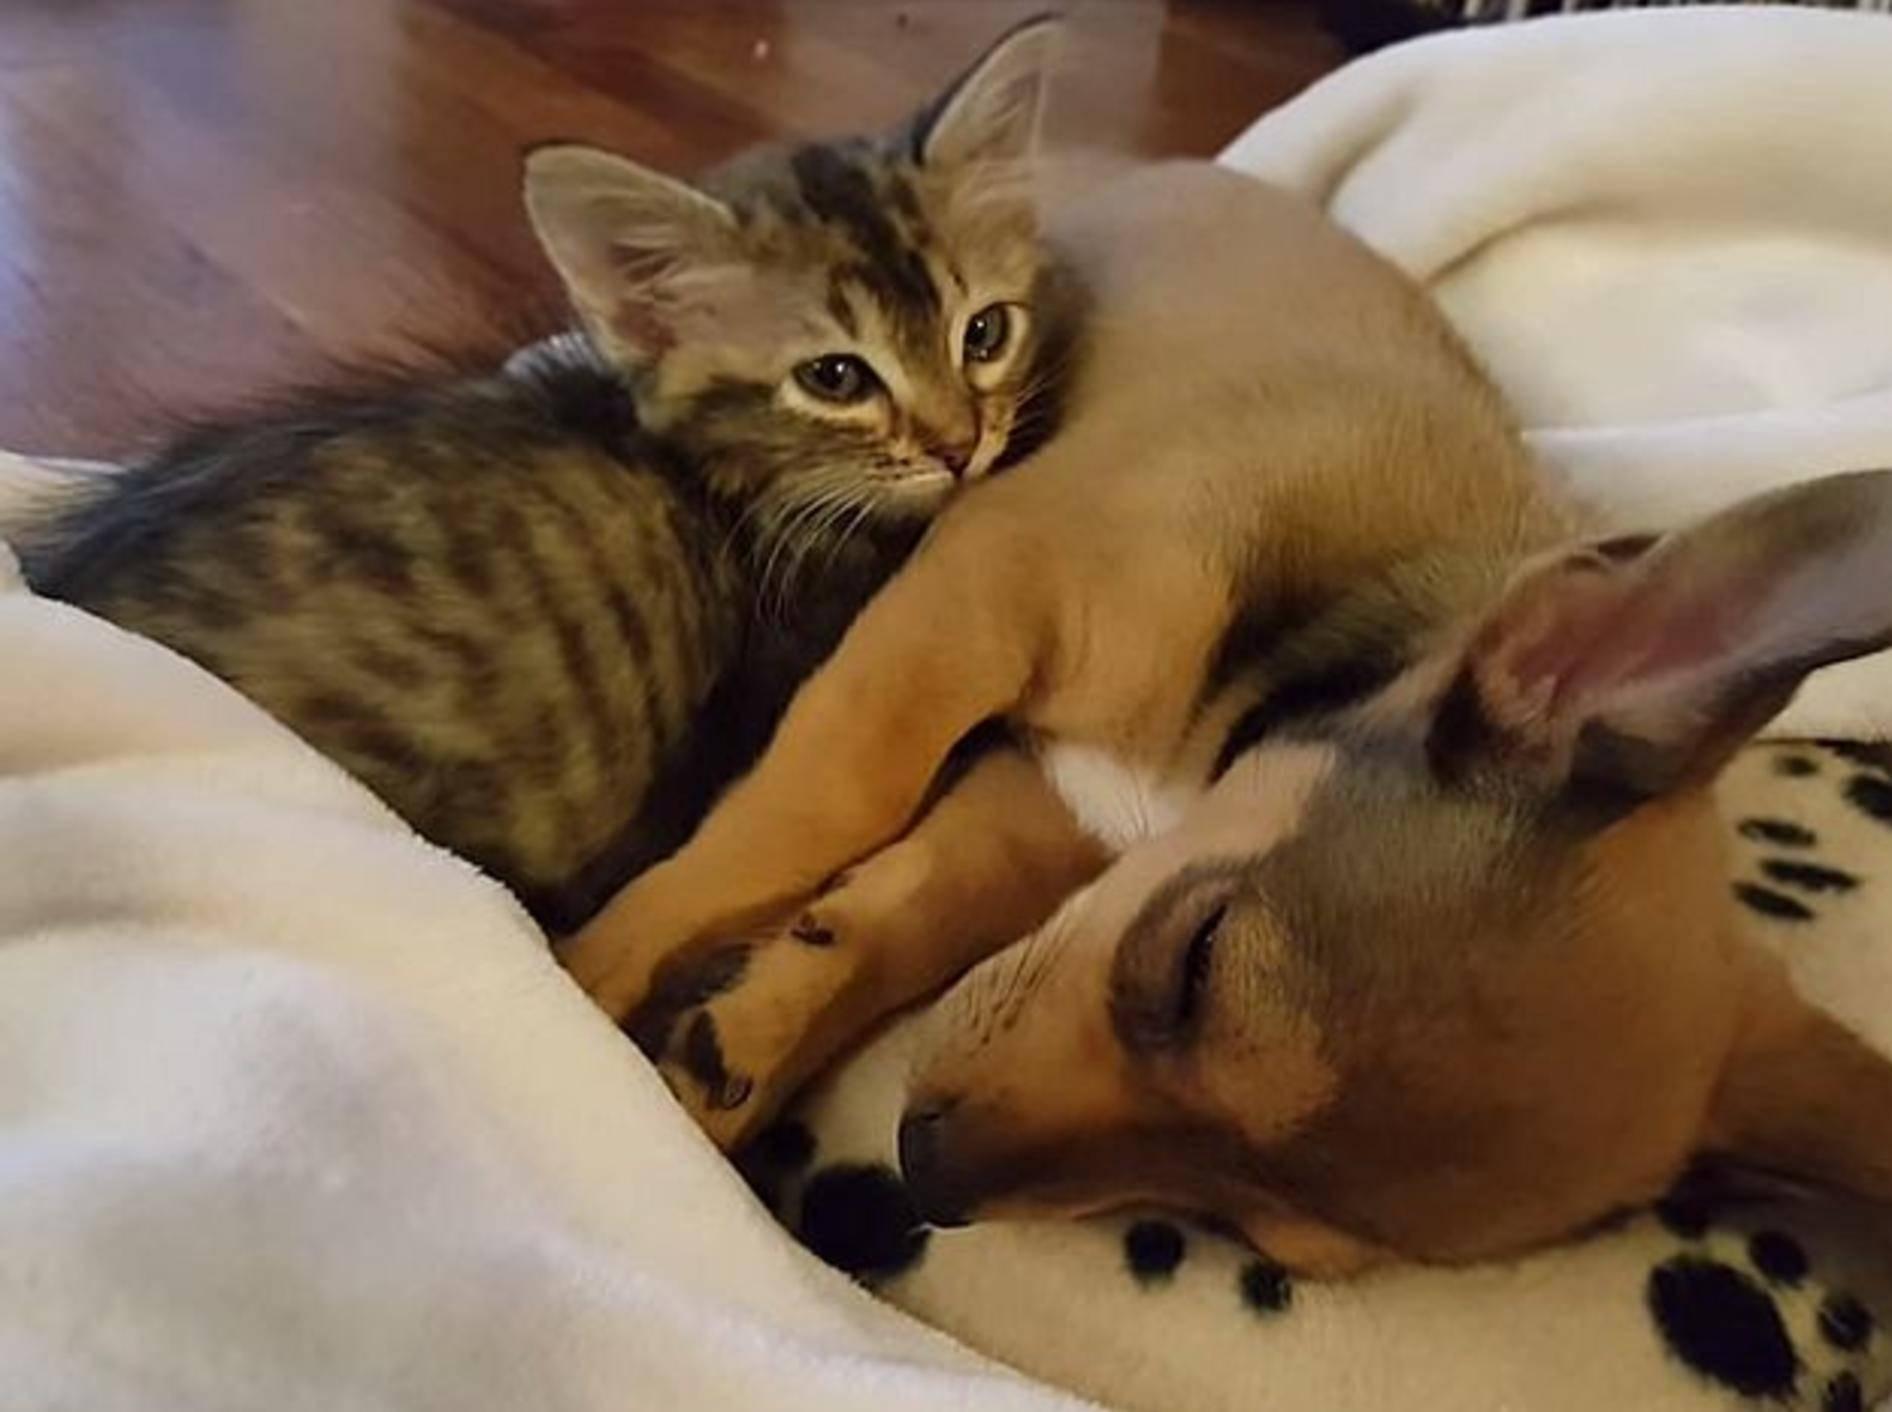 Welpe und Kätzchen: Beste Freunde machen alles zusammen – Bild: Youtube / Chip & Adele